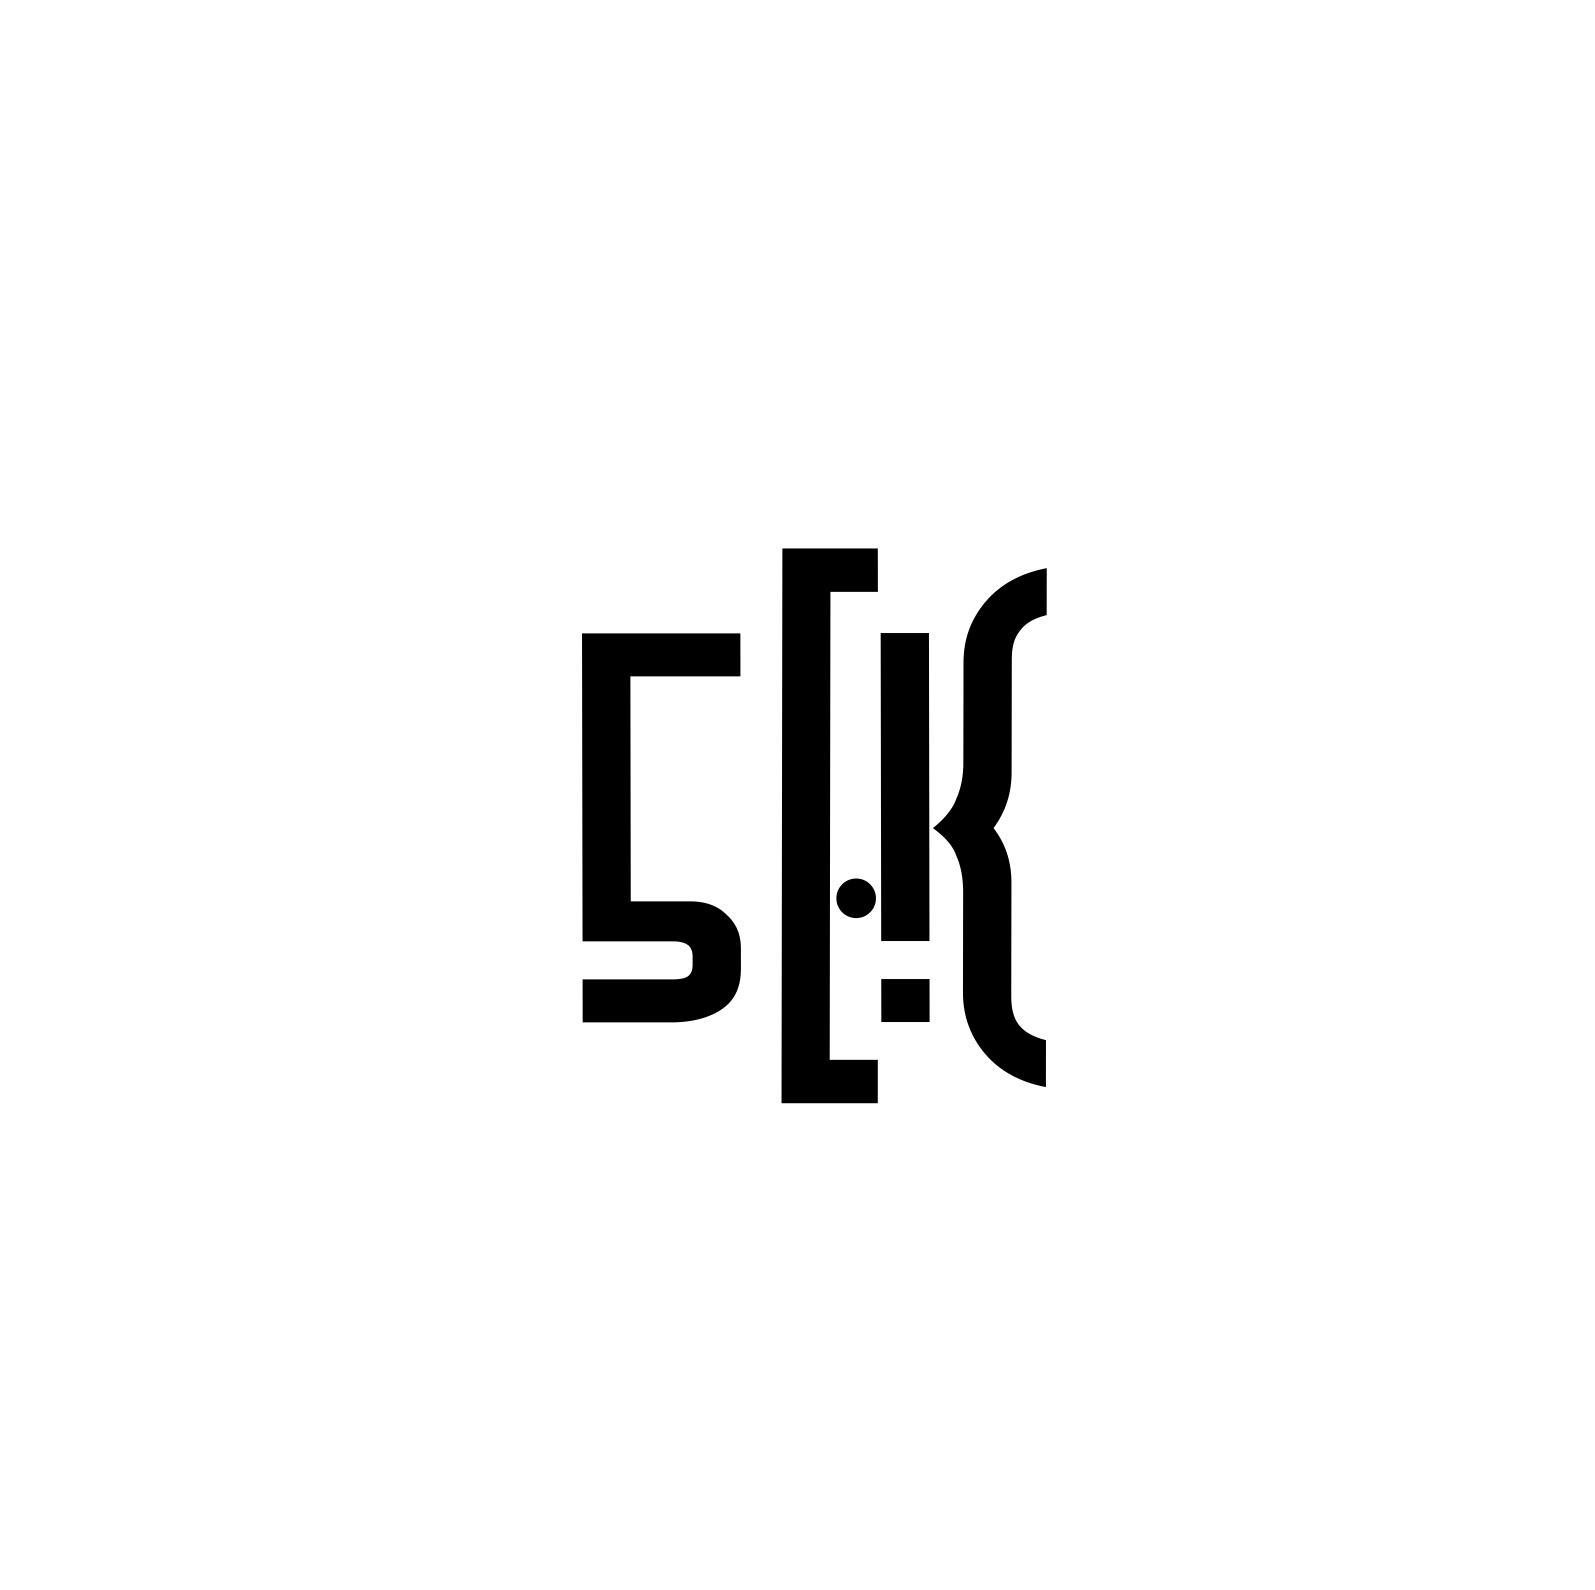 Разработать логотип со смыслом для компании-разработчика ПО фото f_504e15868606e.png